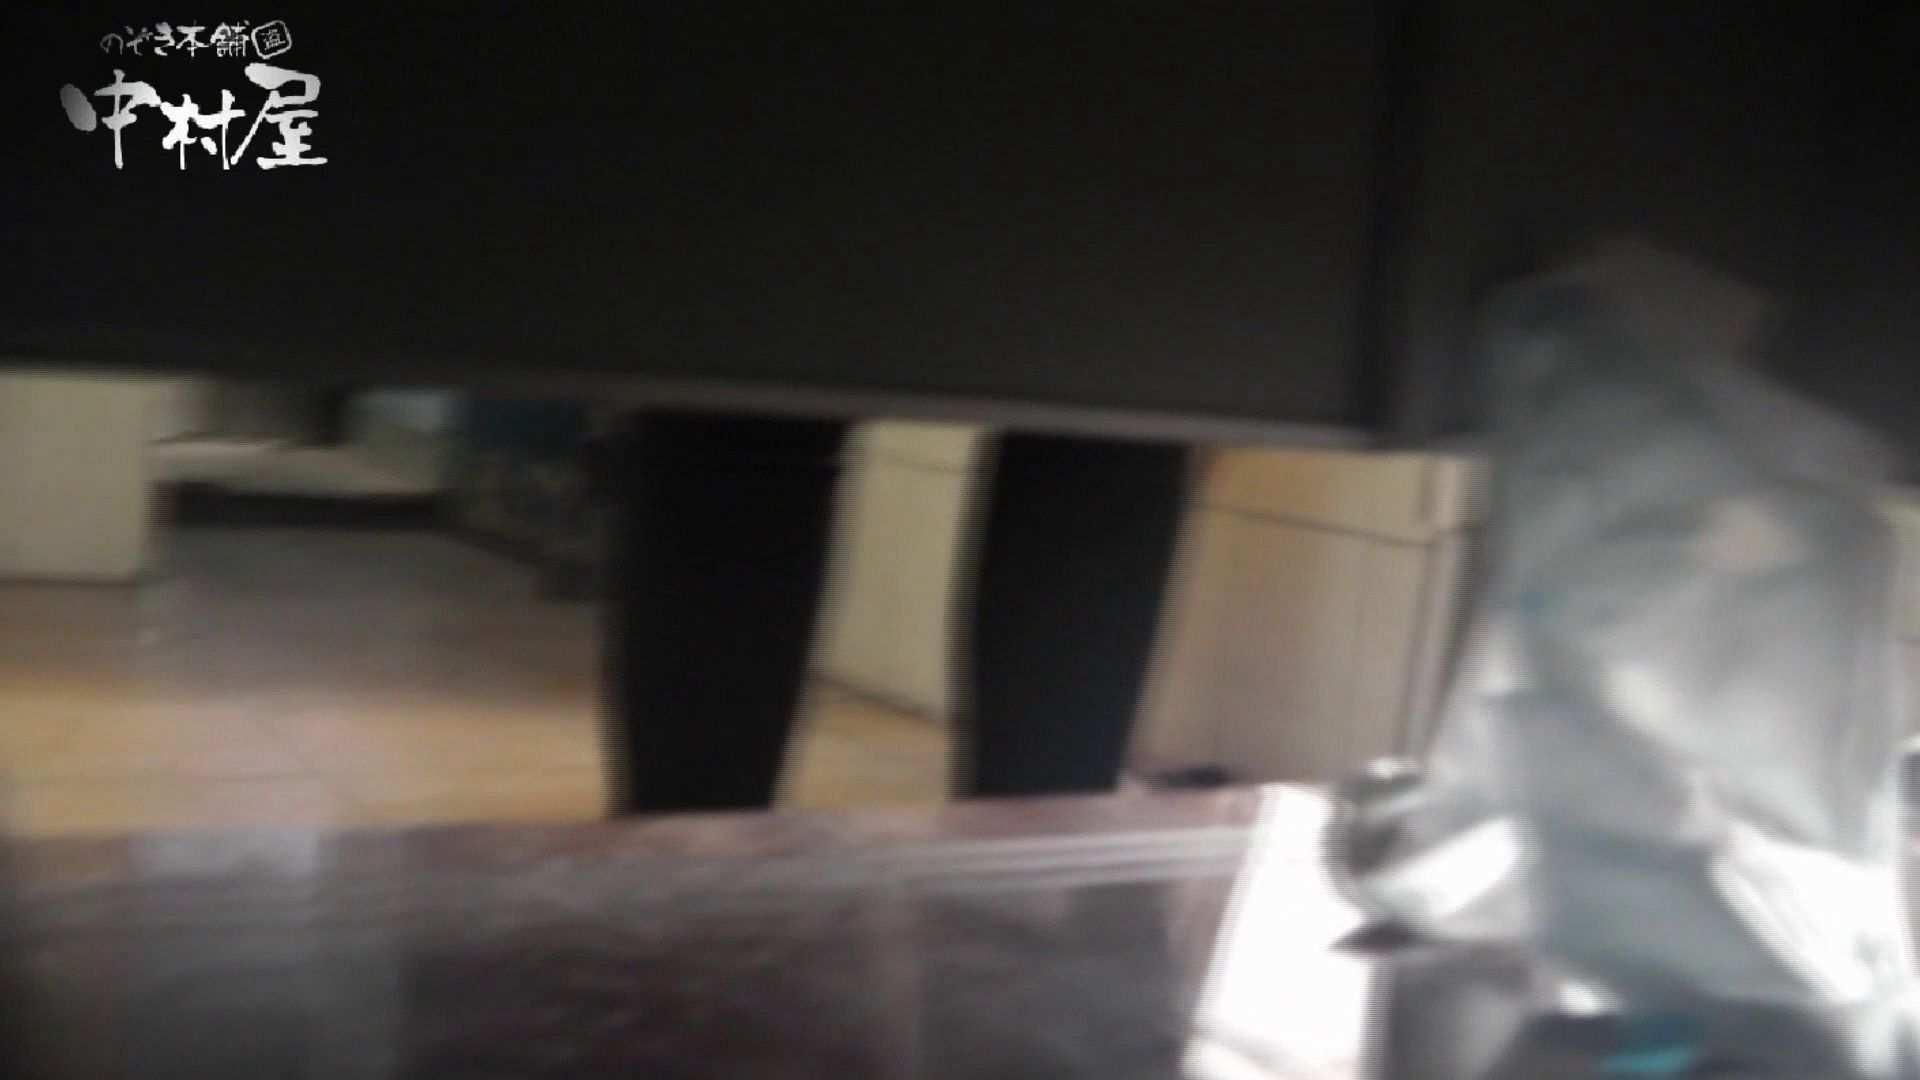 【世界の射窓から~ステーション編~】ステーション編 vol52 我慢して個室に入ったら。||:-)!! OLセックス  51画像 48